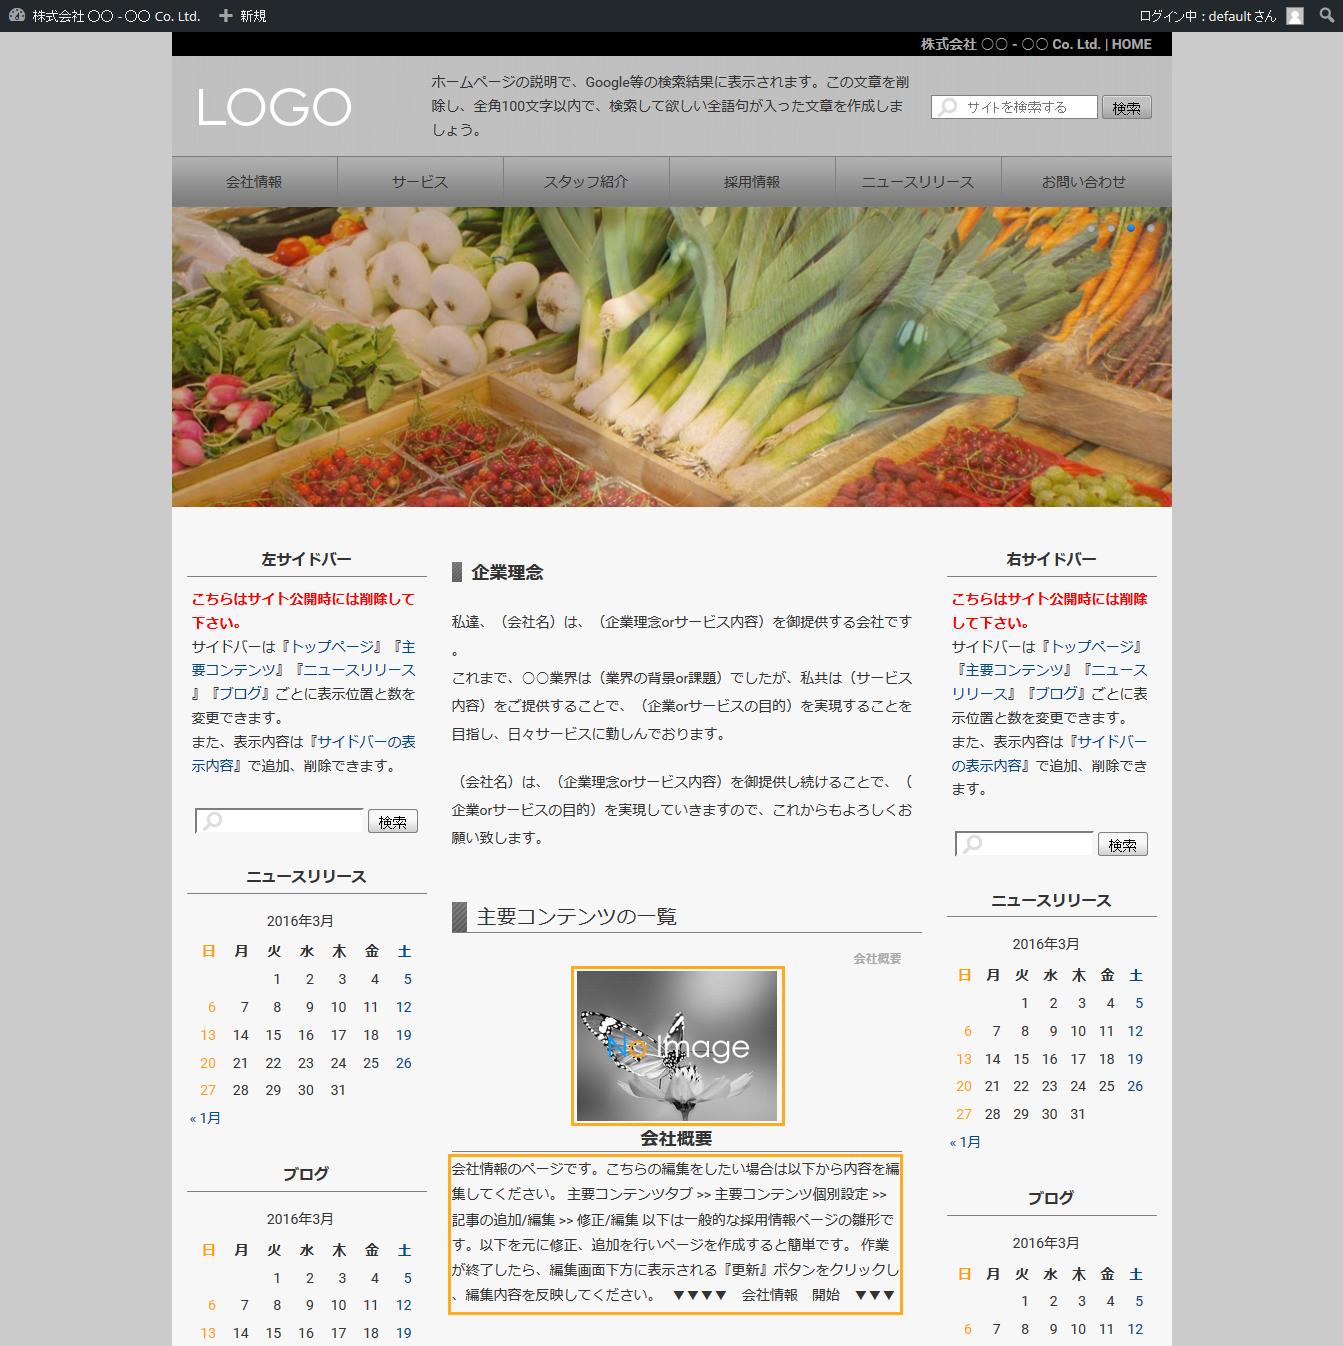 トップページ 一覧表示 - 簡単格安ホームページ作成会社 -FunMaker